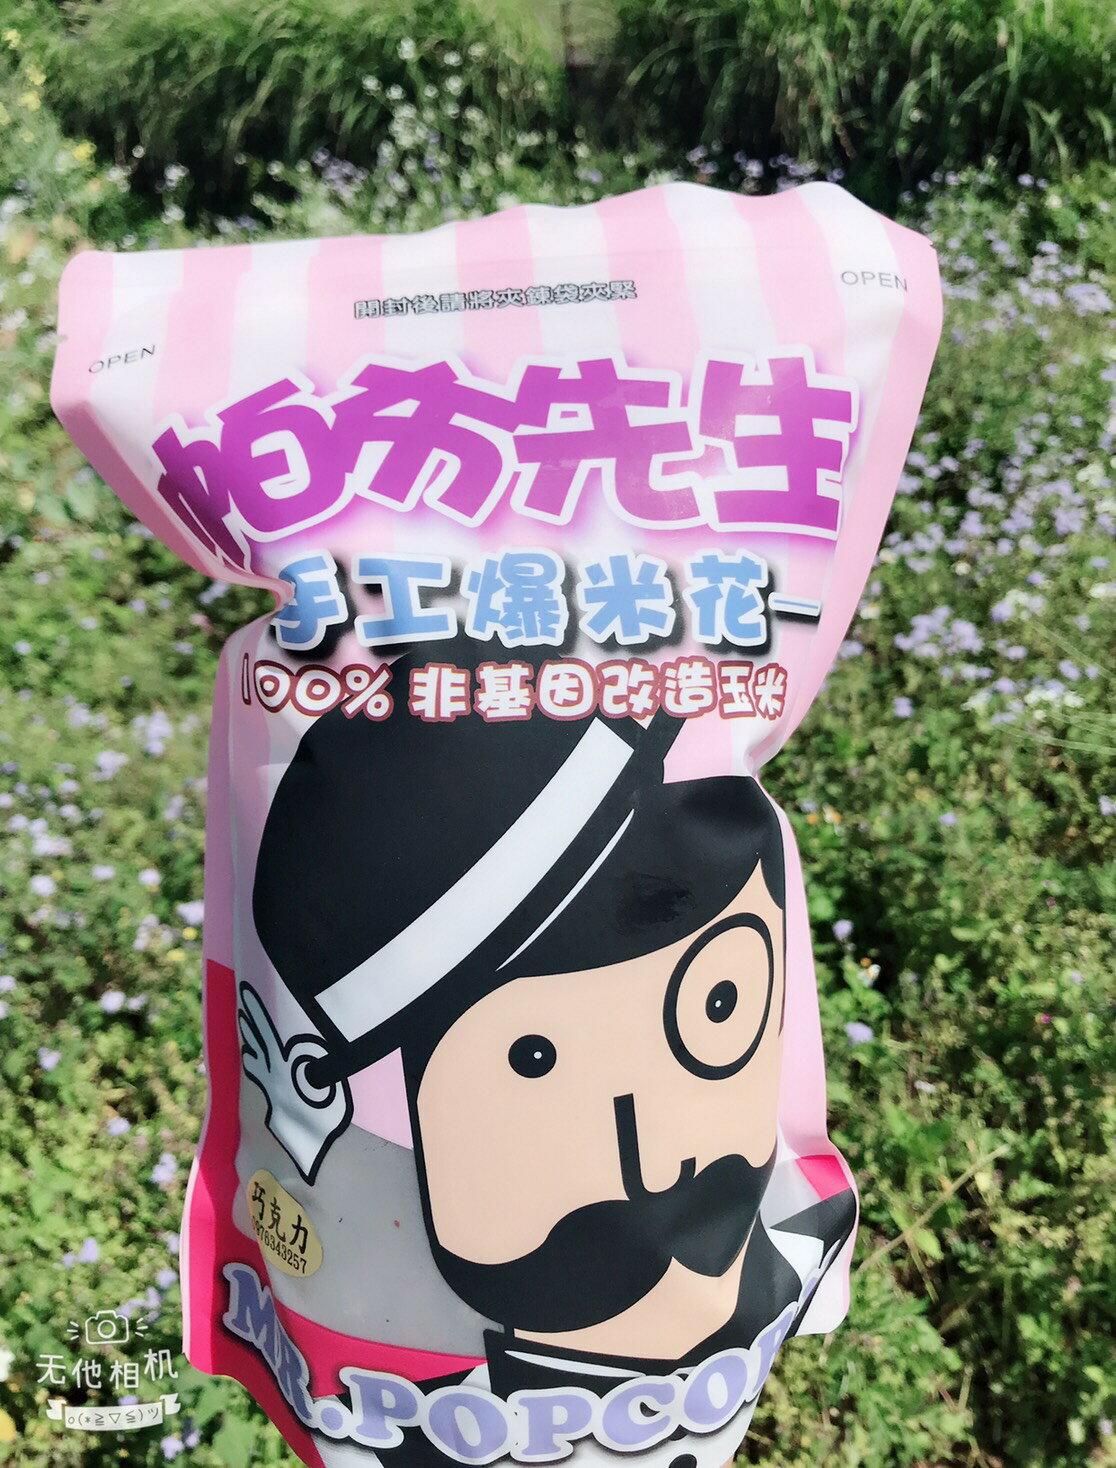 帕布先生手工爆米花經典美式原味(奶素)180g